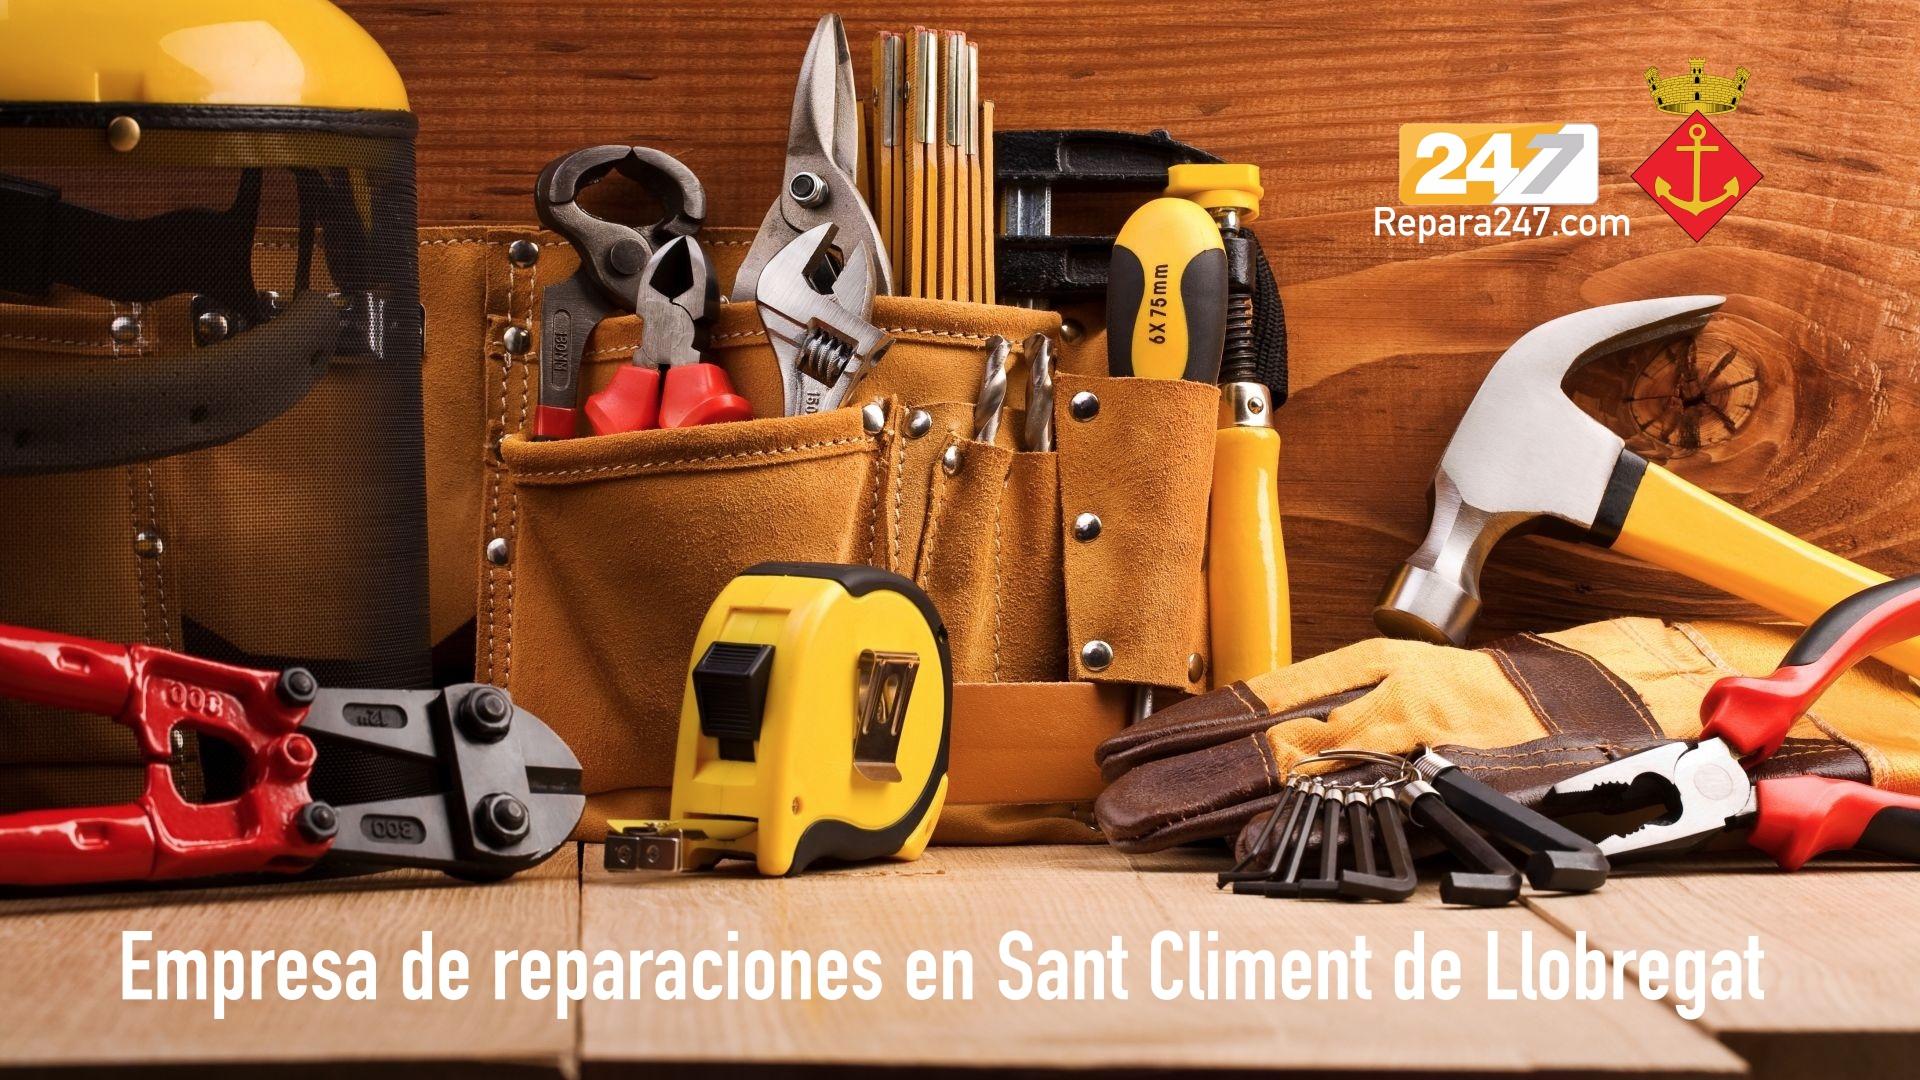 Empresa de reparaciones en Sant Climent de Llobregat